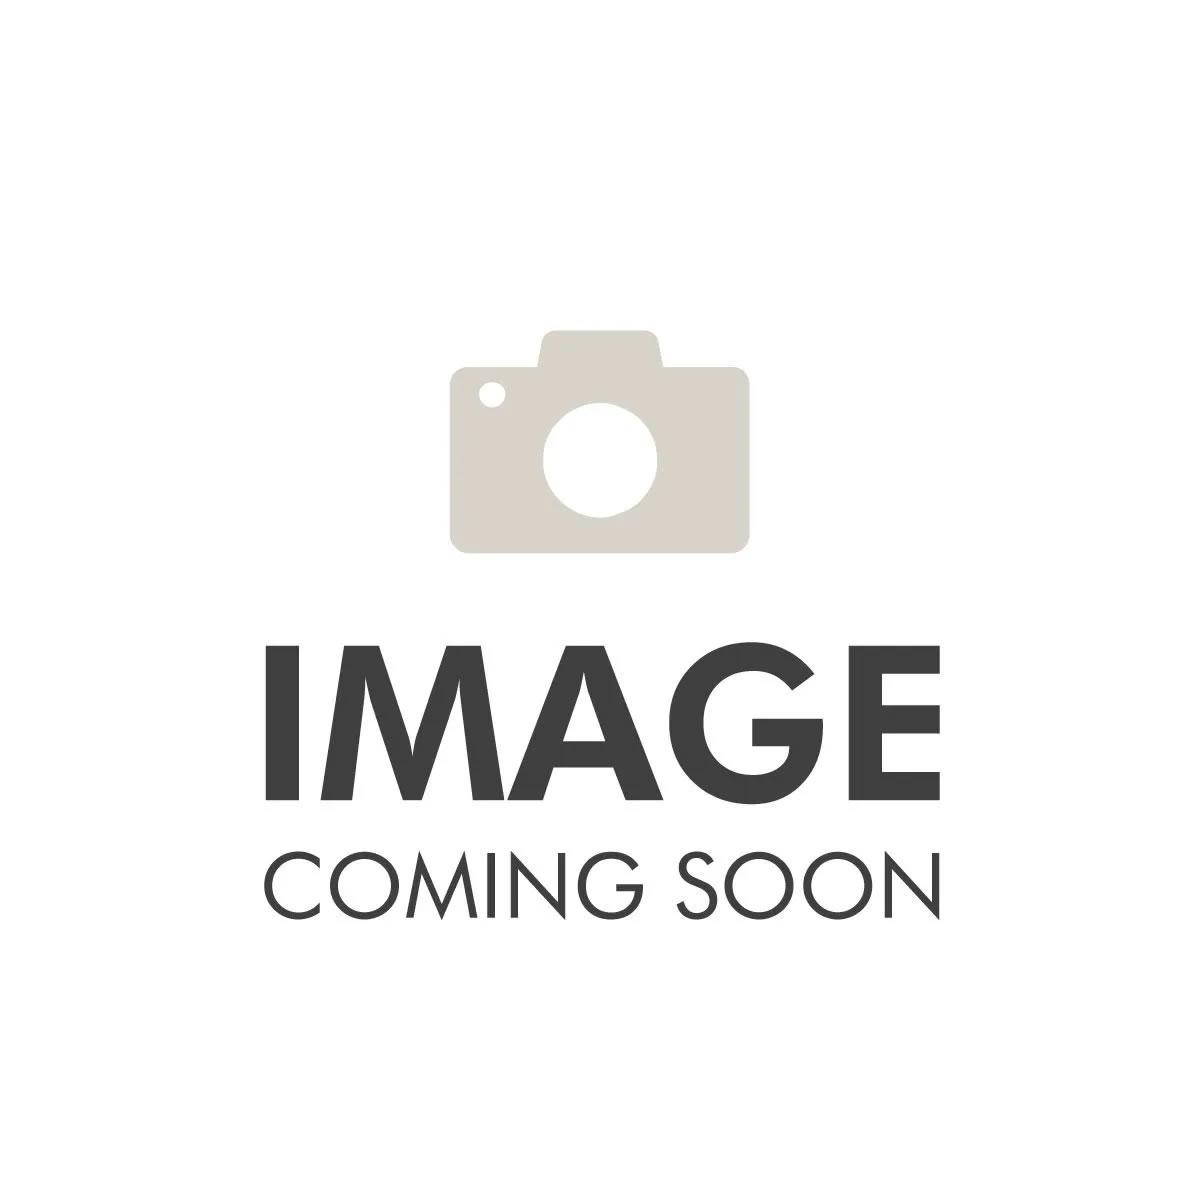 insert lock nut Jeep CJ 5 7 8 Shift Knob Kit Dana 300 Transfer Case knob